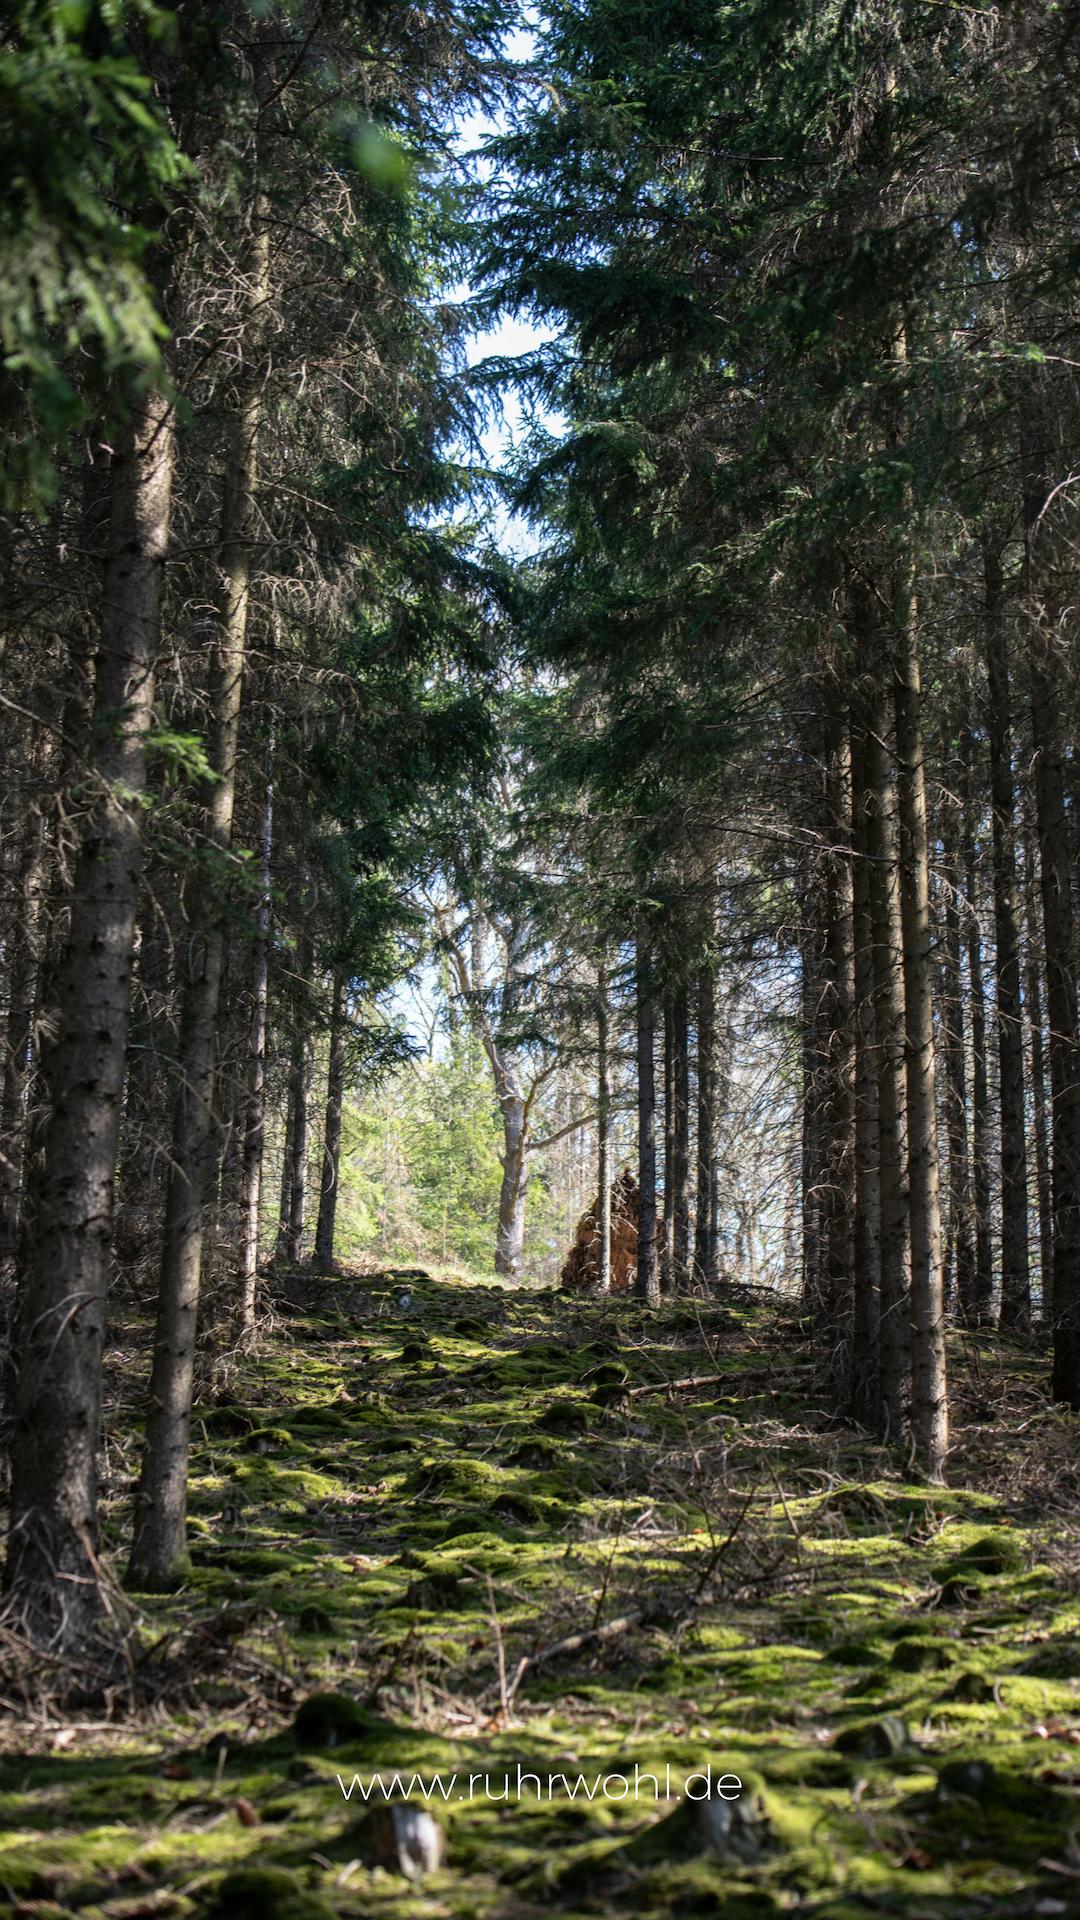 Wallpaper Sperrbildschirm iPhone dunkel Natur Wald